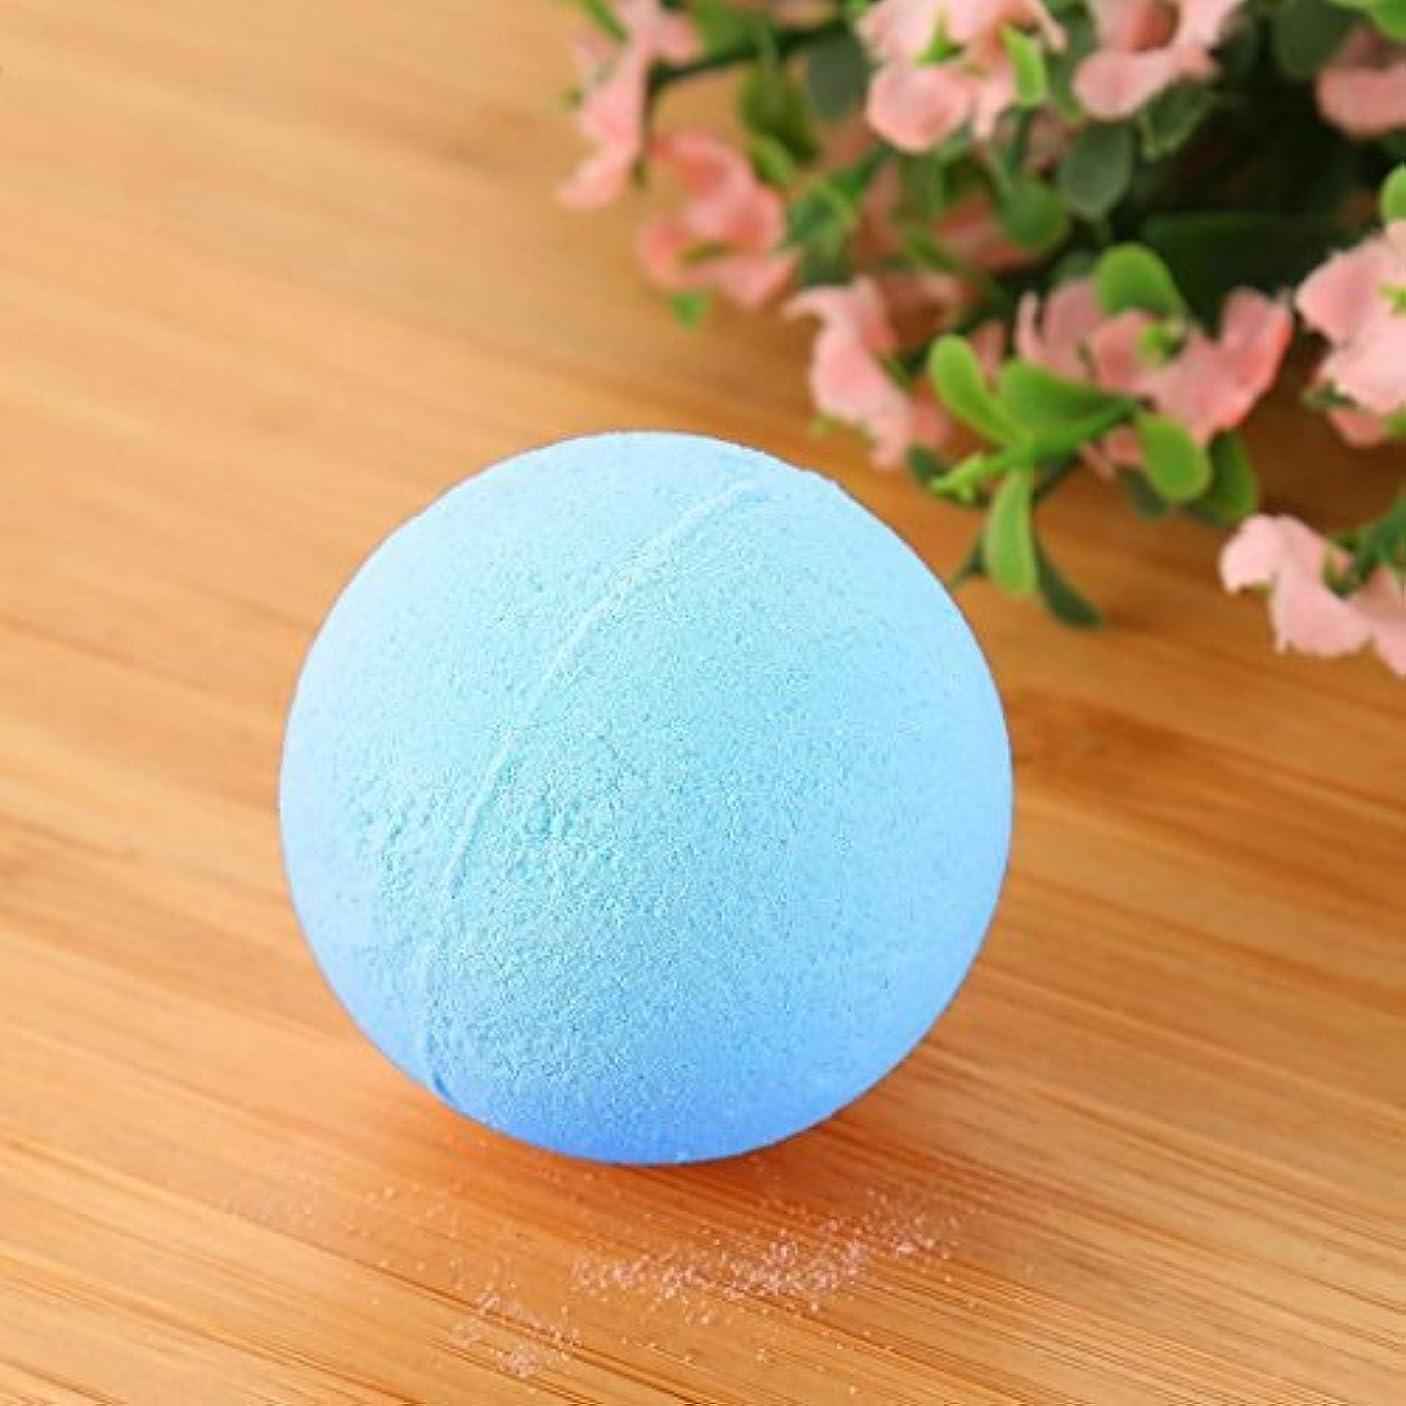 インレイ論理的にニュージーランドバブルボール塩塩浴リラックス女性のための贈り物